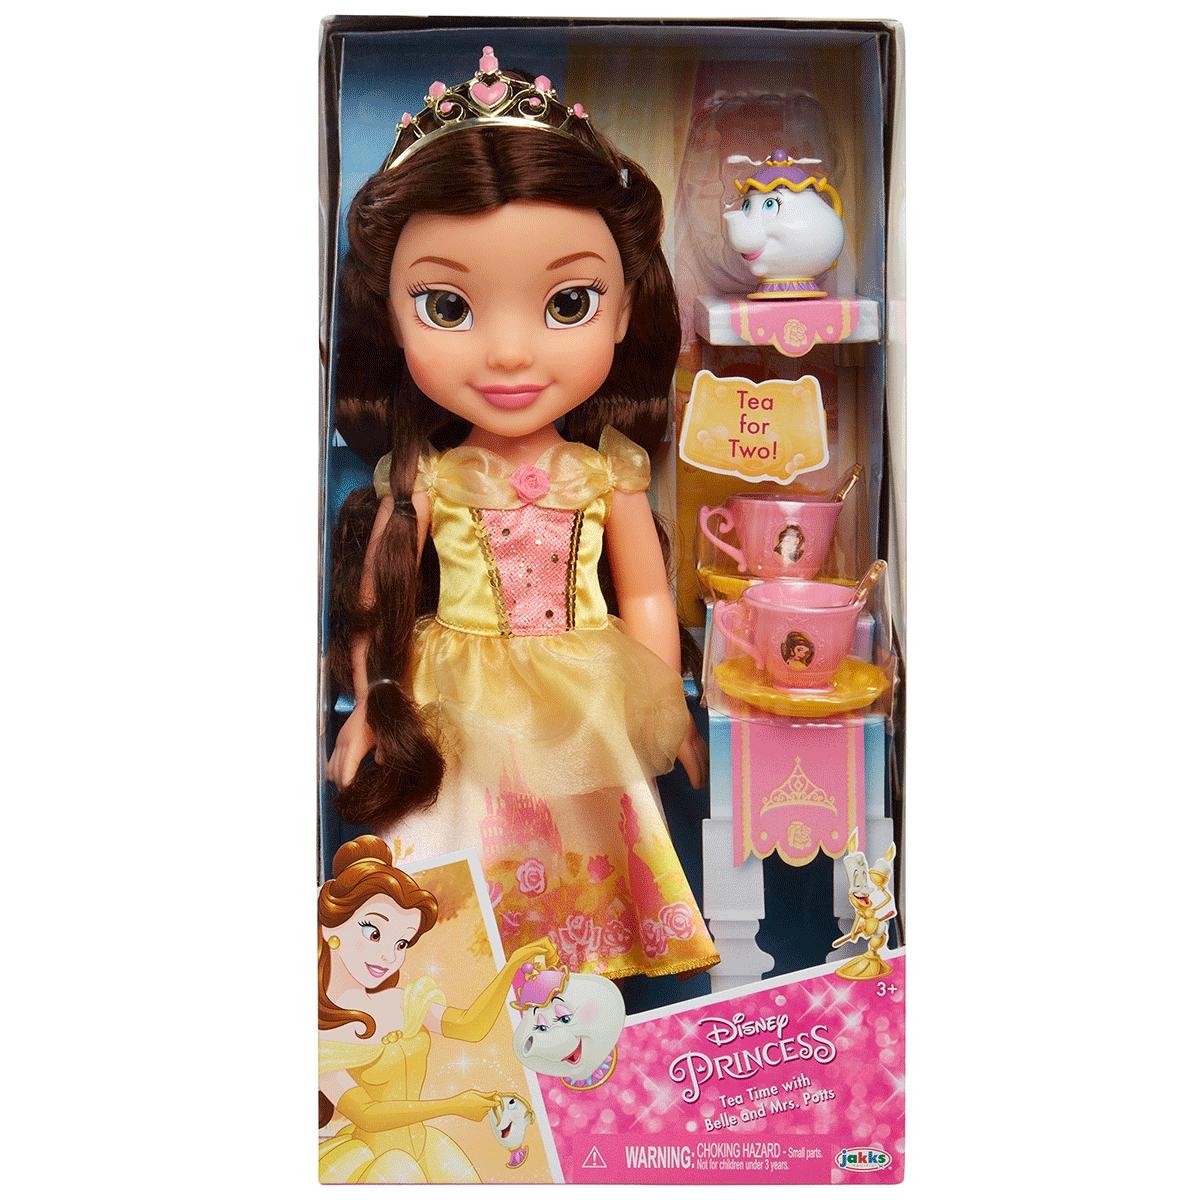 Disney princess Belle Toddler doll and tea set - £12.50 @ Morrisons (Morley)